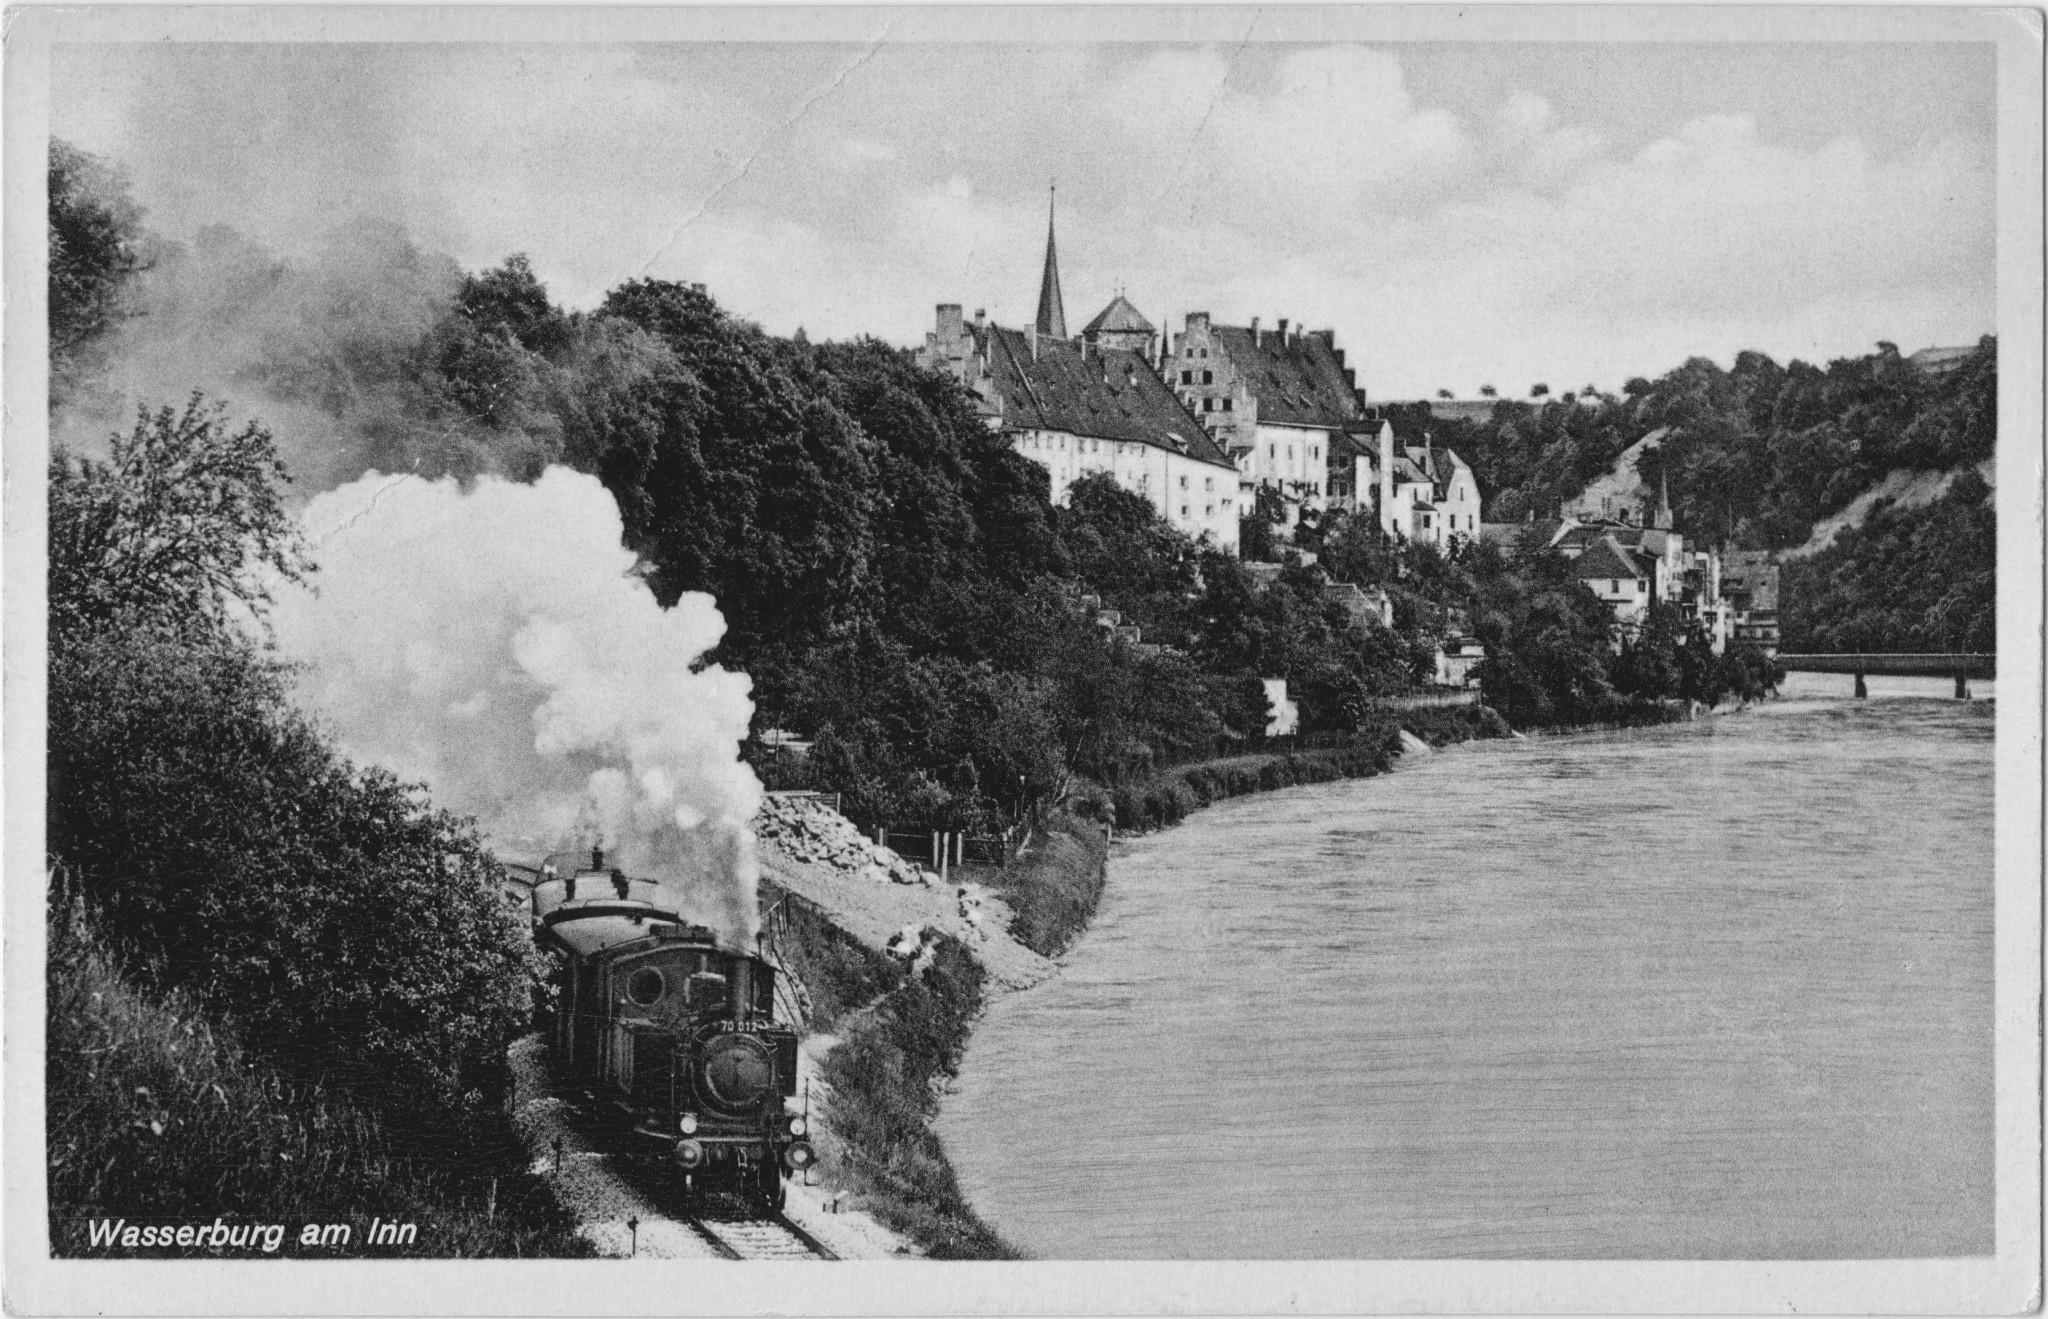 Webseite über die Altstadtbahn Wasserburg